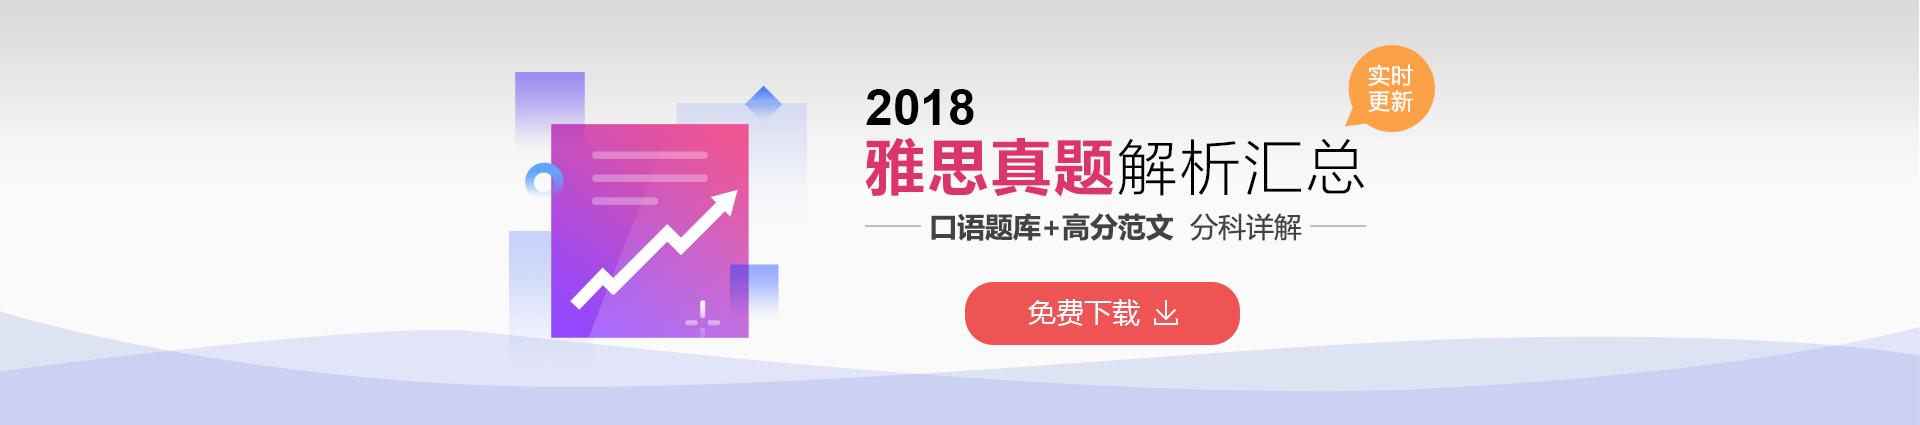 2018雅思真题解析汇总